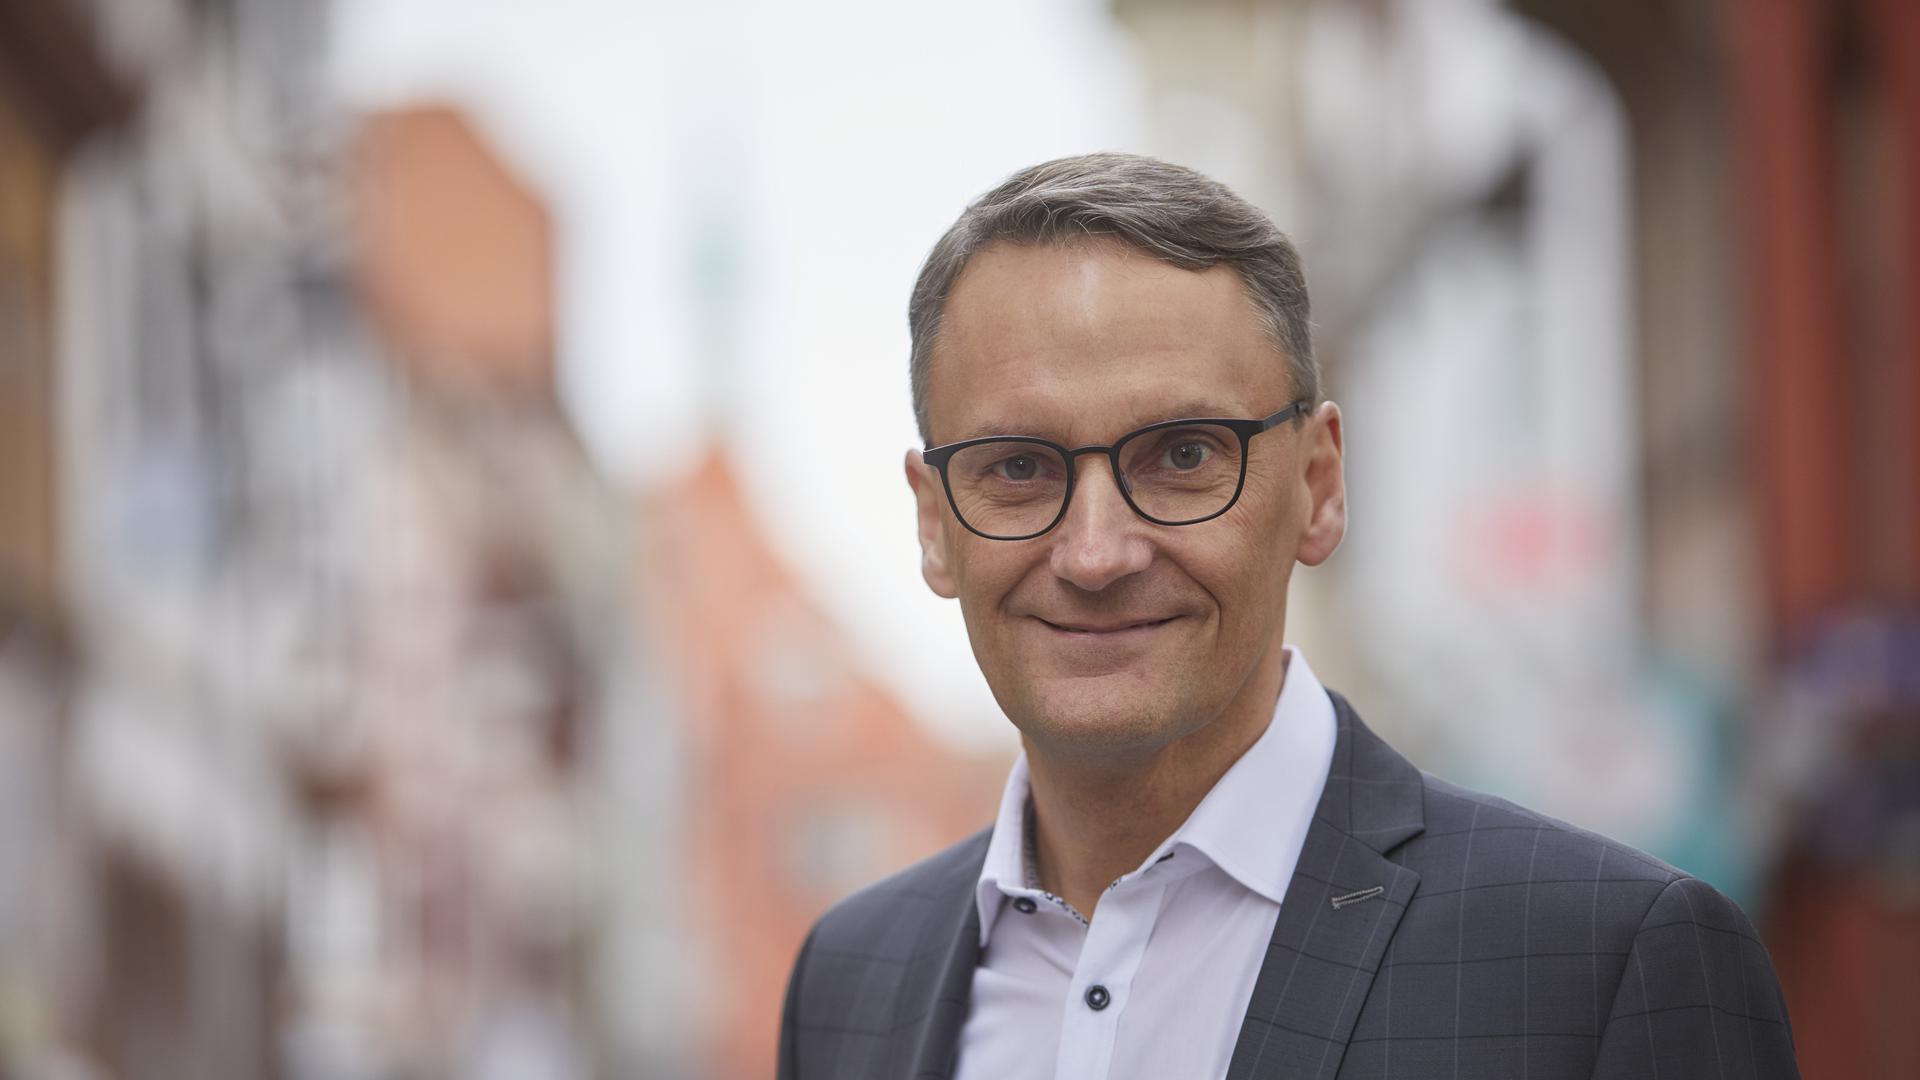 Markus Ibert, Oberbürgermeister der Stadt Lahr